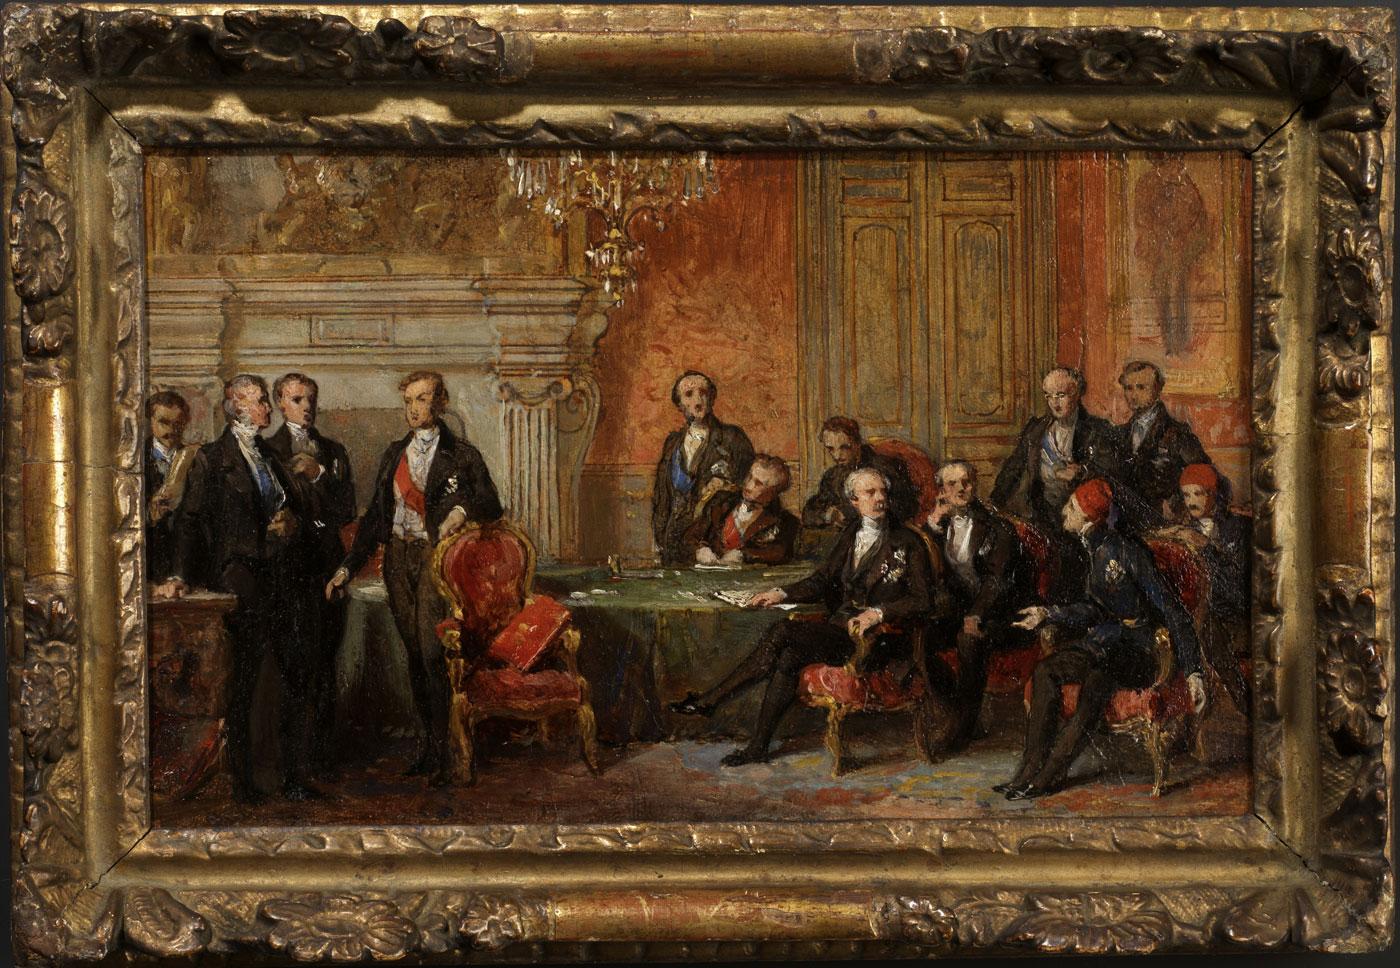 Esquisse pour le congrès de Paris, le 30 mars 1856 - Patrimoine Charles-André COLONNA WALEWSKI, en ligne directe de Napoléon